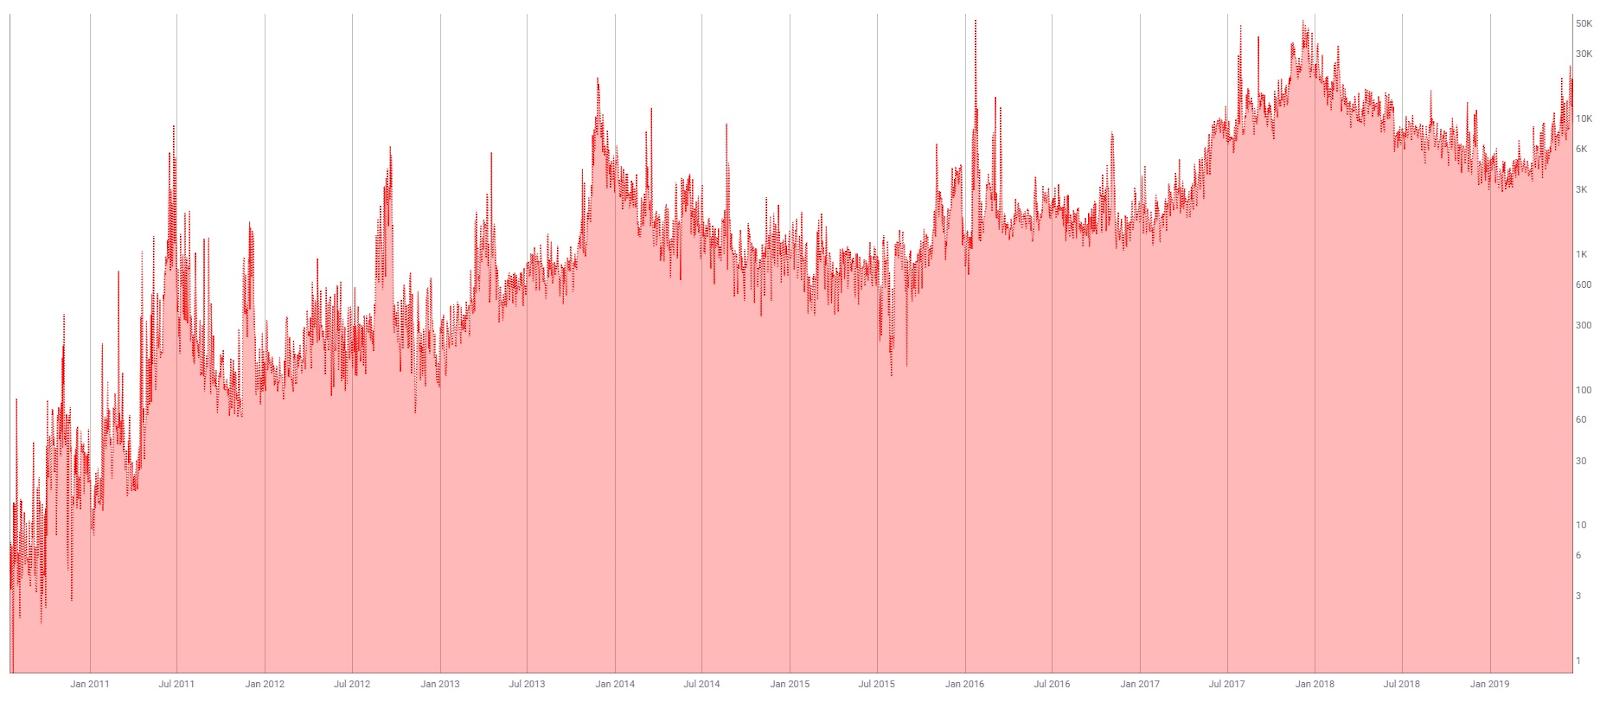 Número de transações na rede Bitcoin. Fonte: Coinmetrics